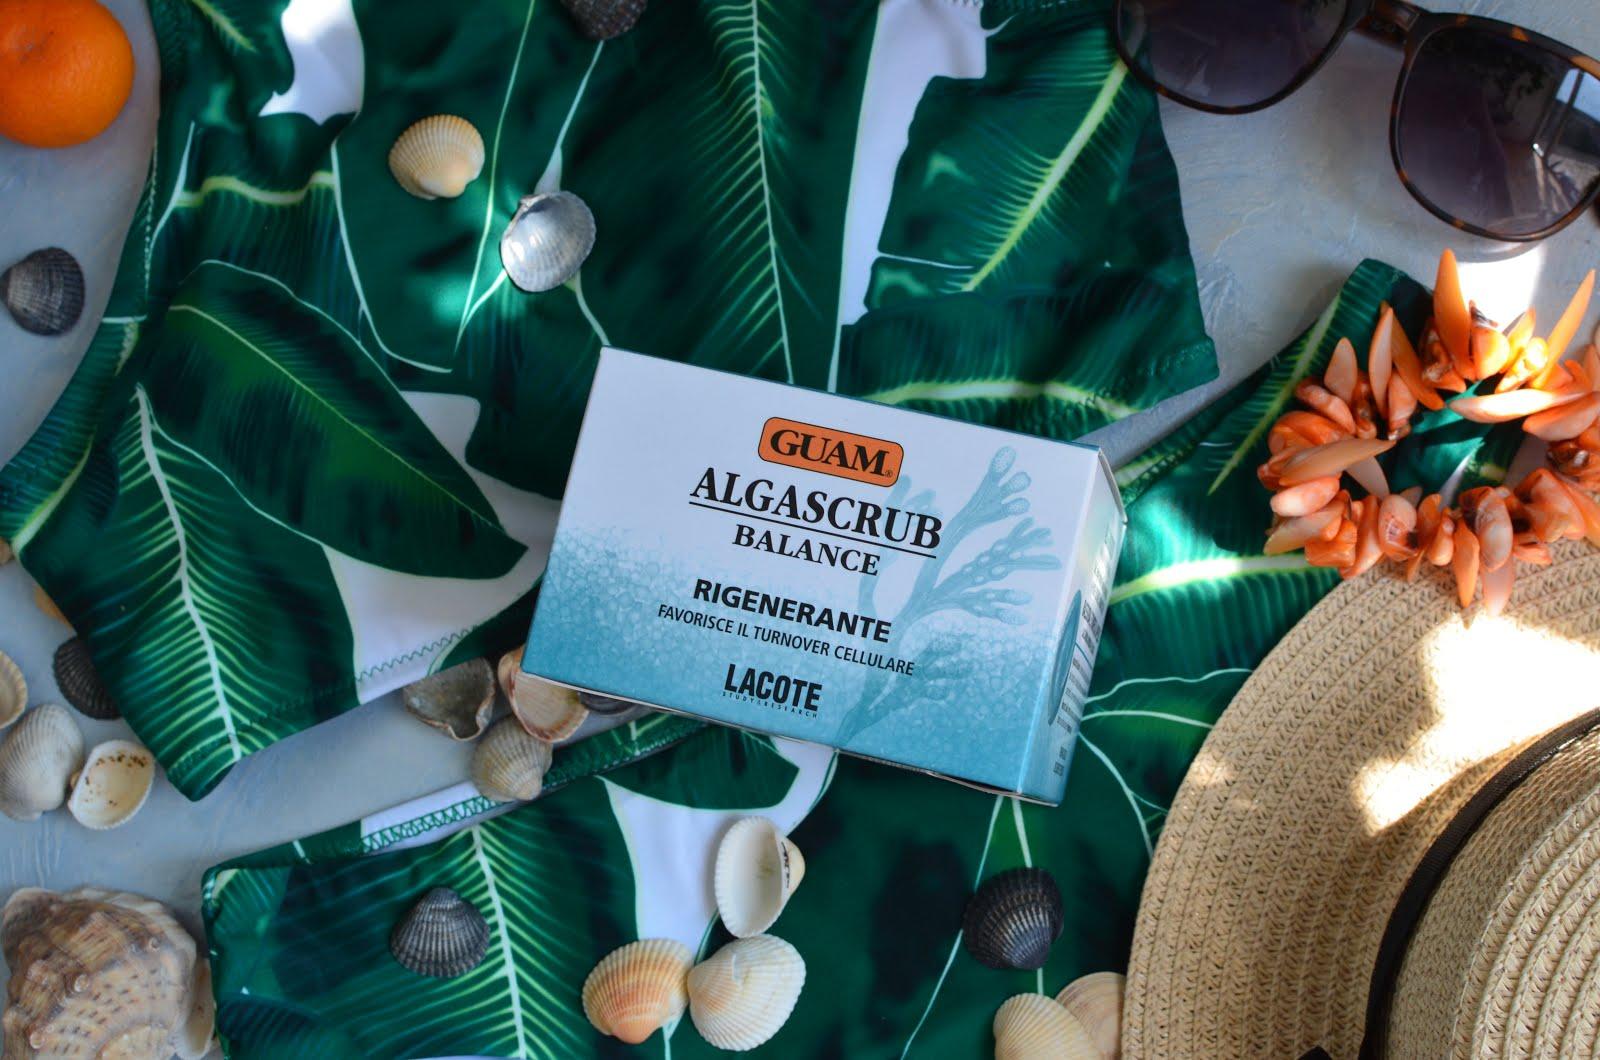 """Guam Algascrub Balance Скраб для тела """"Баланс"""" и НОВИНКИ"""